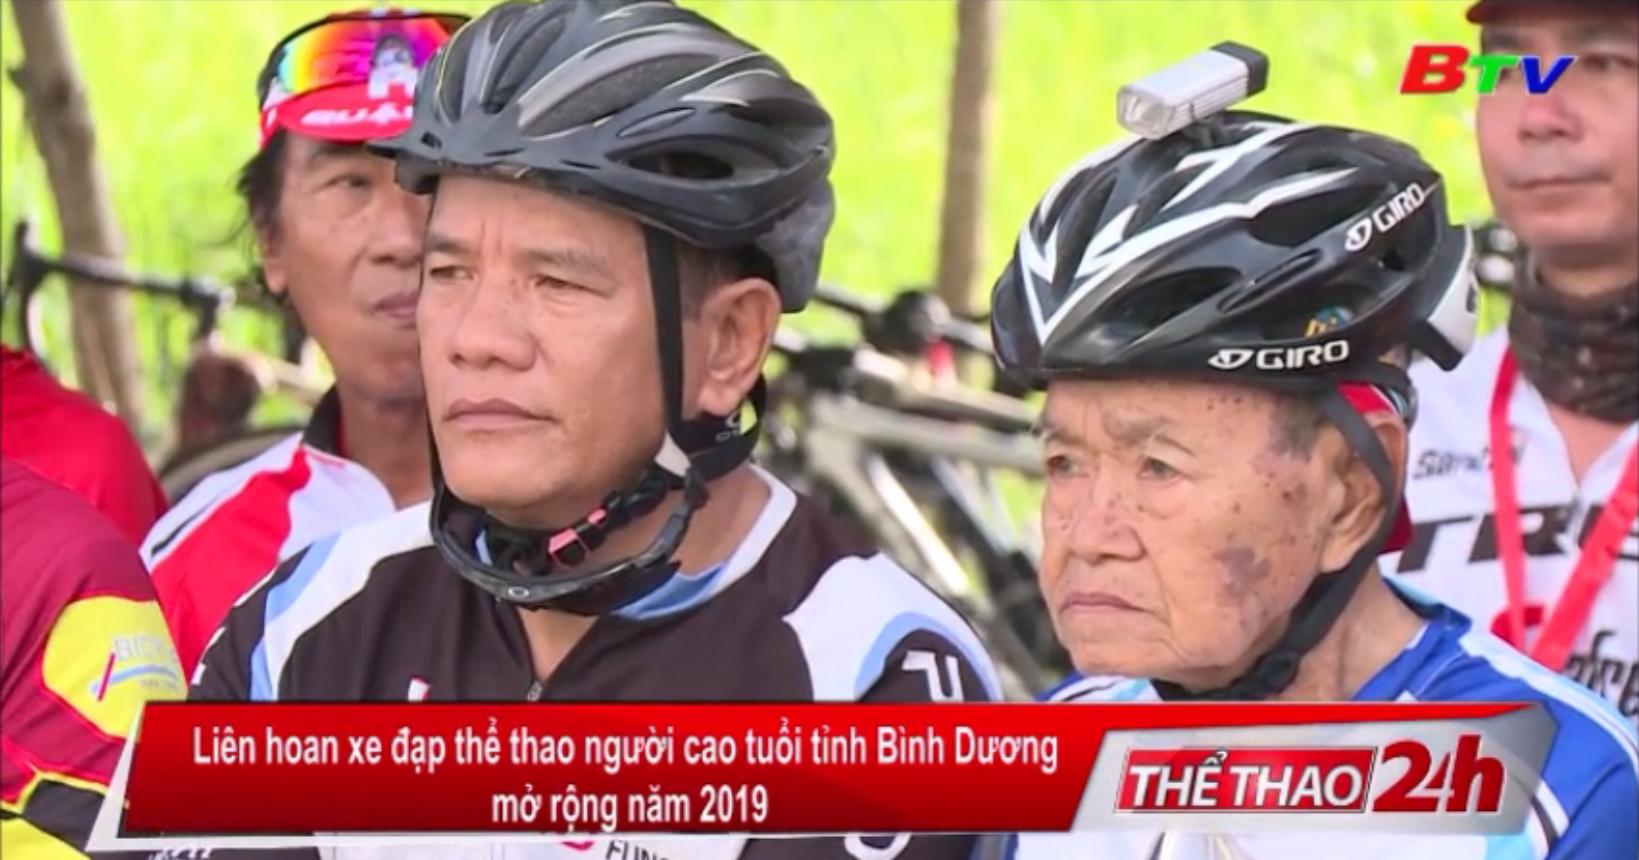 Liên hoan xe đạp thể thao người cao tuổi tỉnh Bình Dương mở rộng 2019